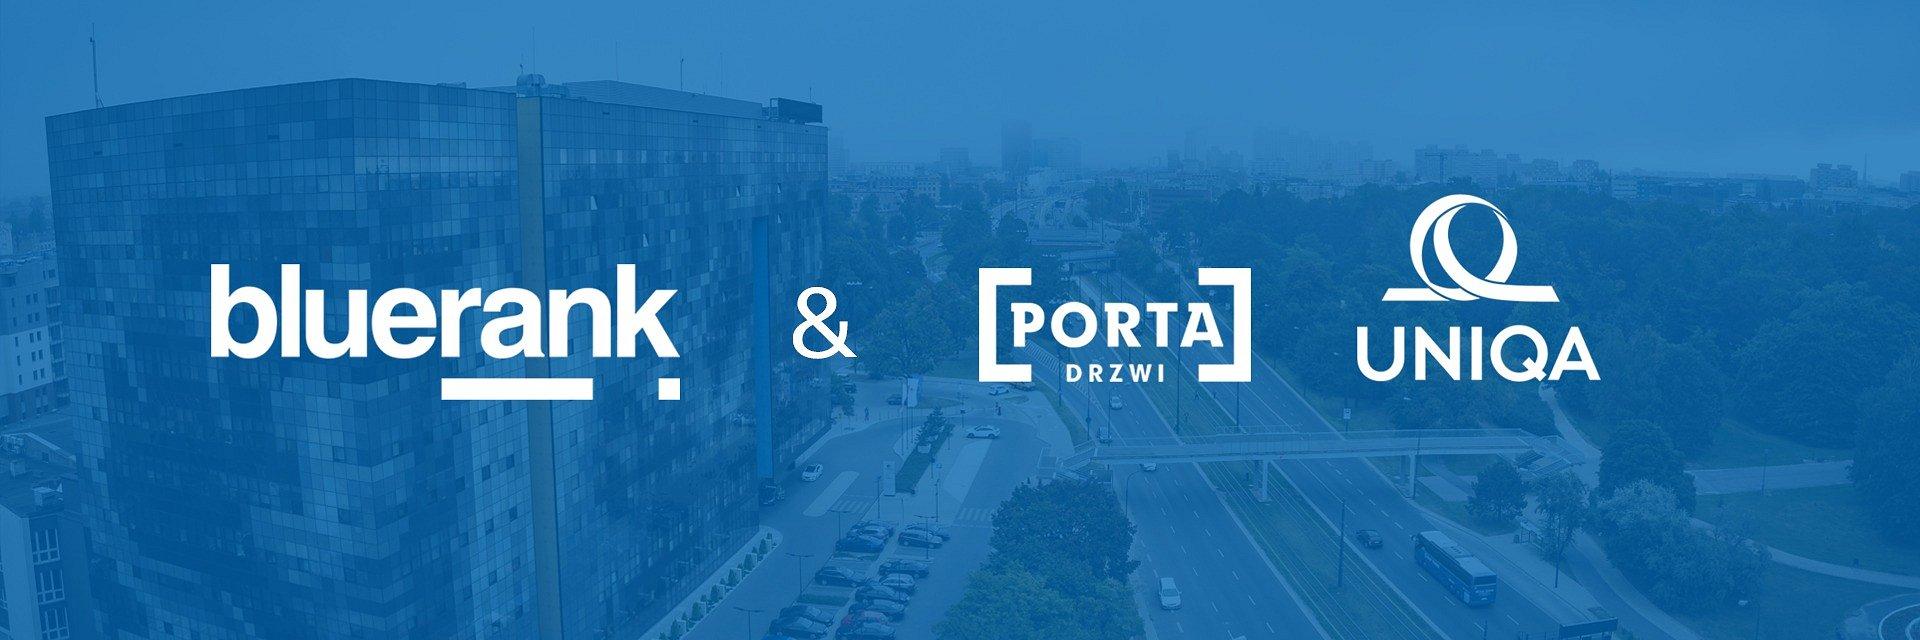 Kanały social media PORTA oraz UNIQA ze wsparciem Bluerank